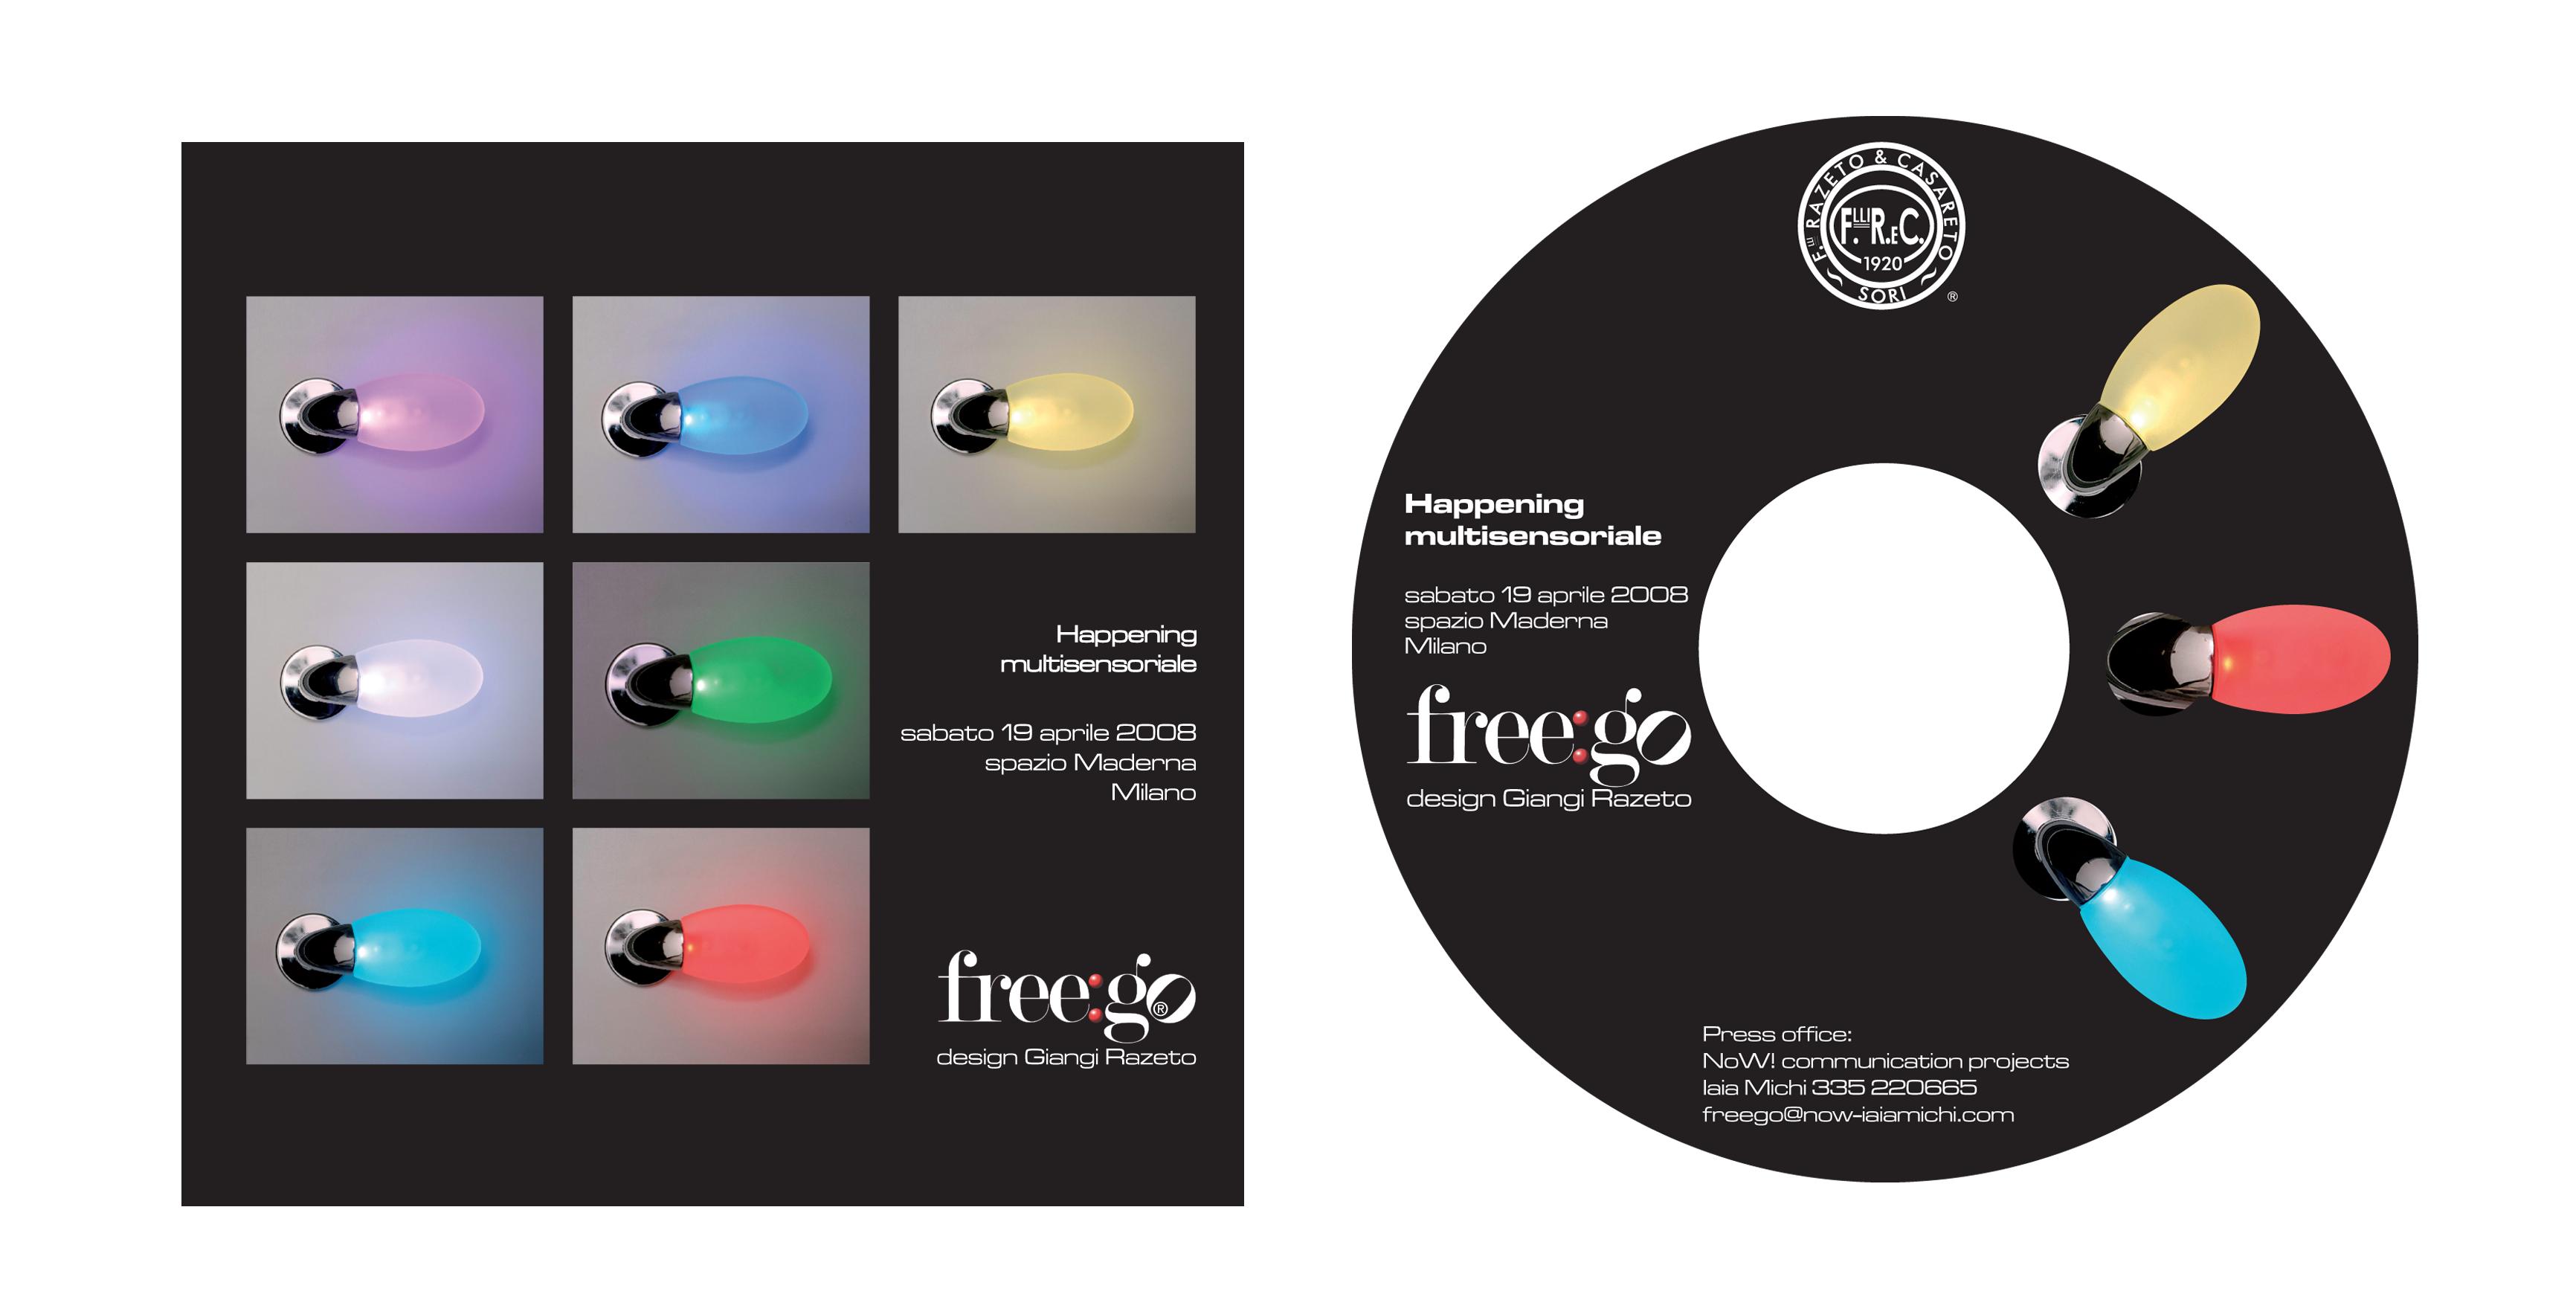 free:go, design Giangi Razeto